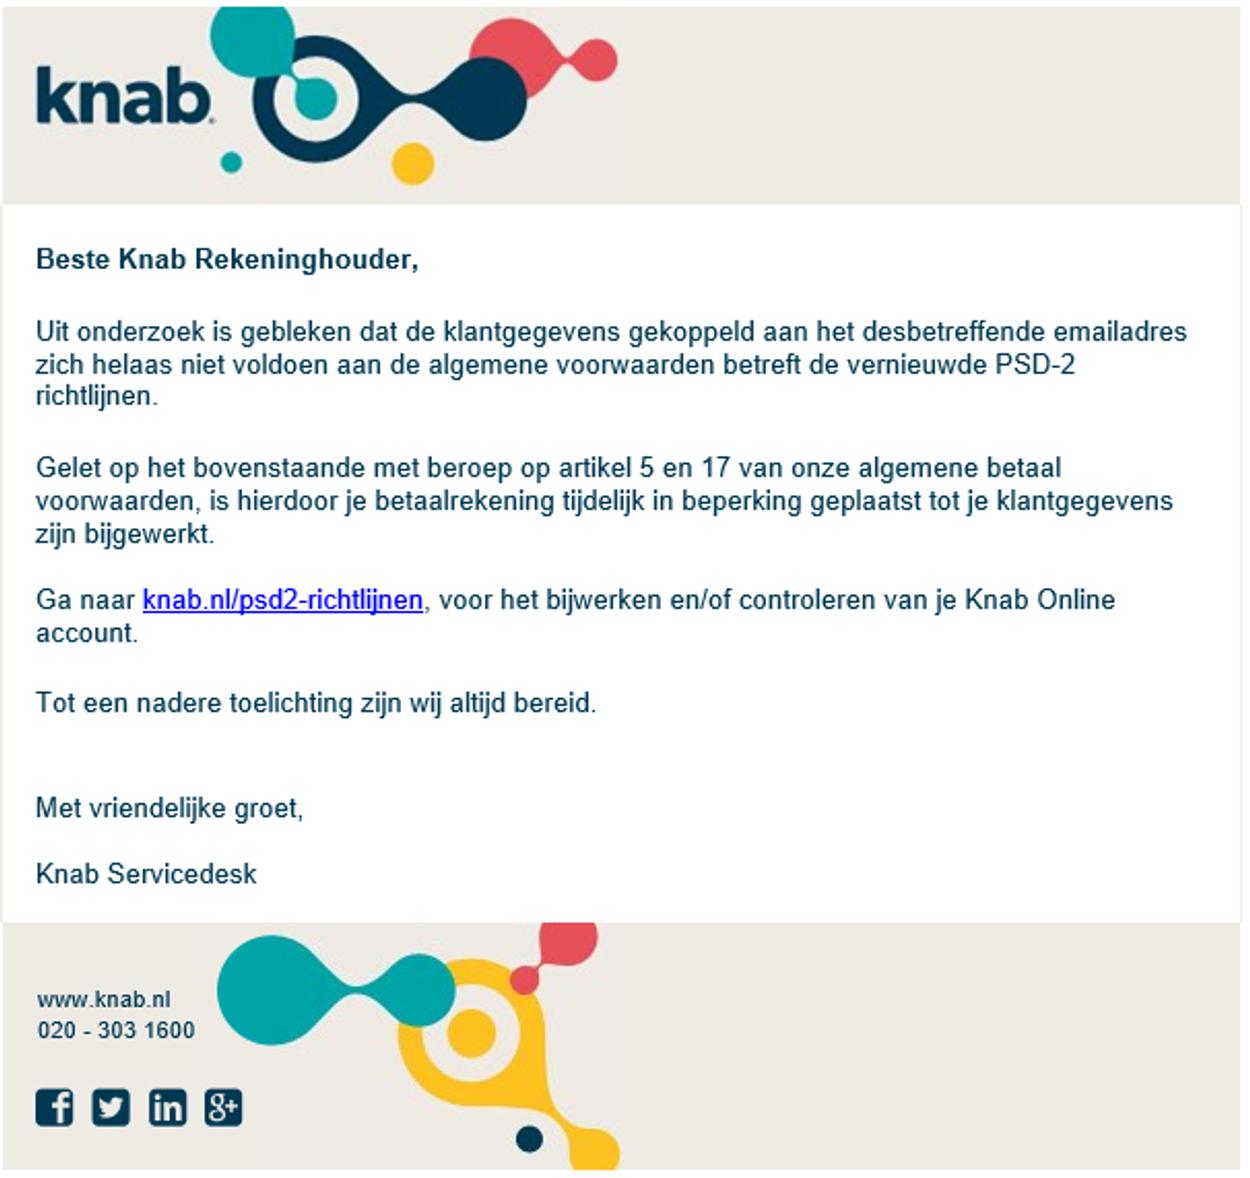 knab phishing!